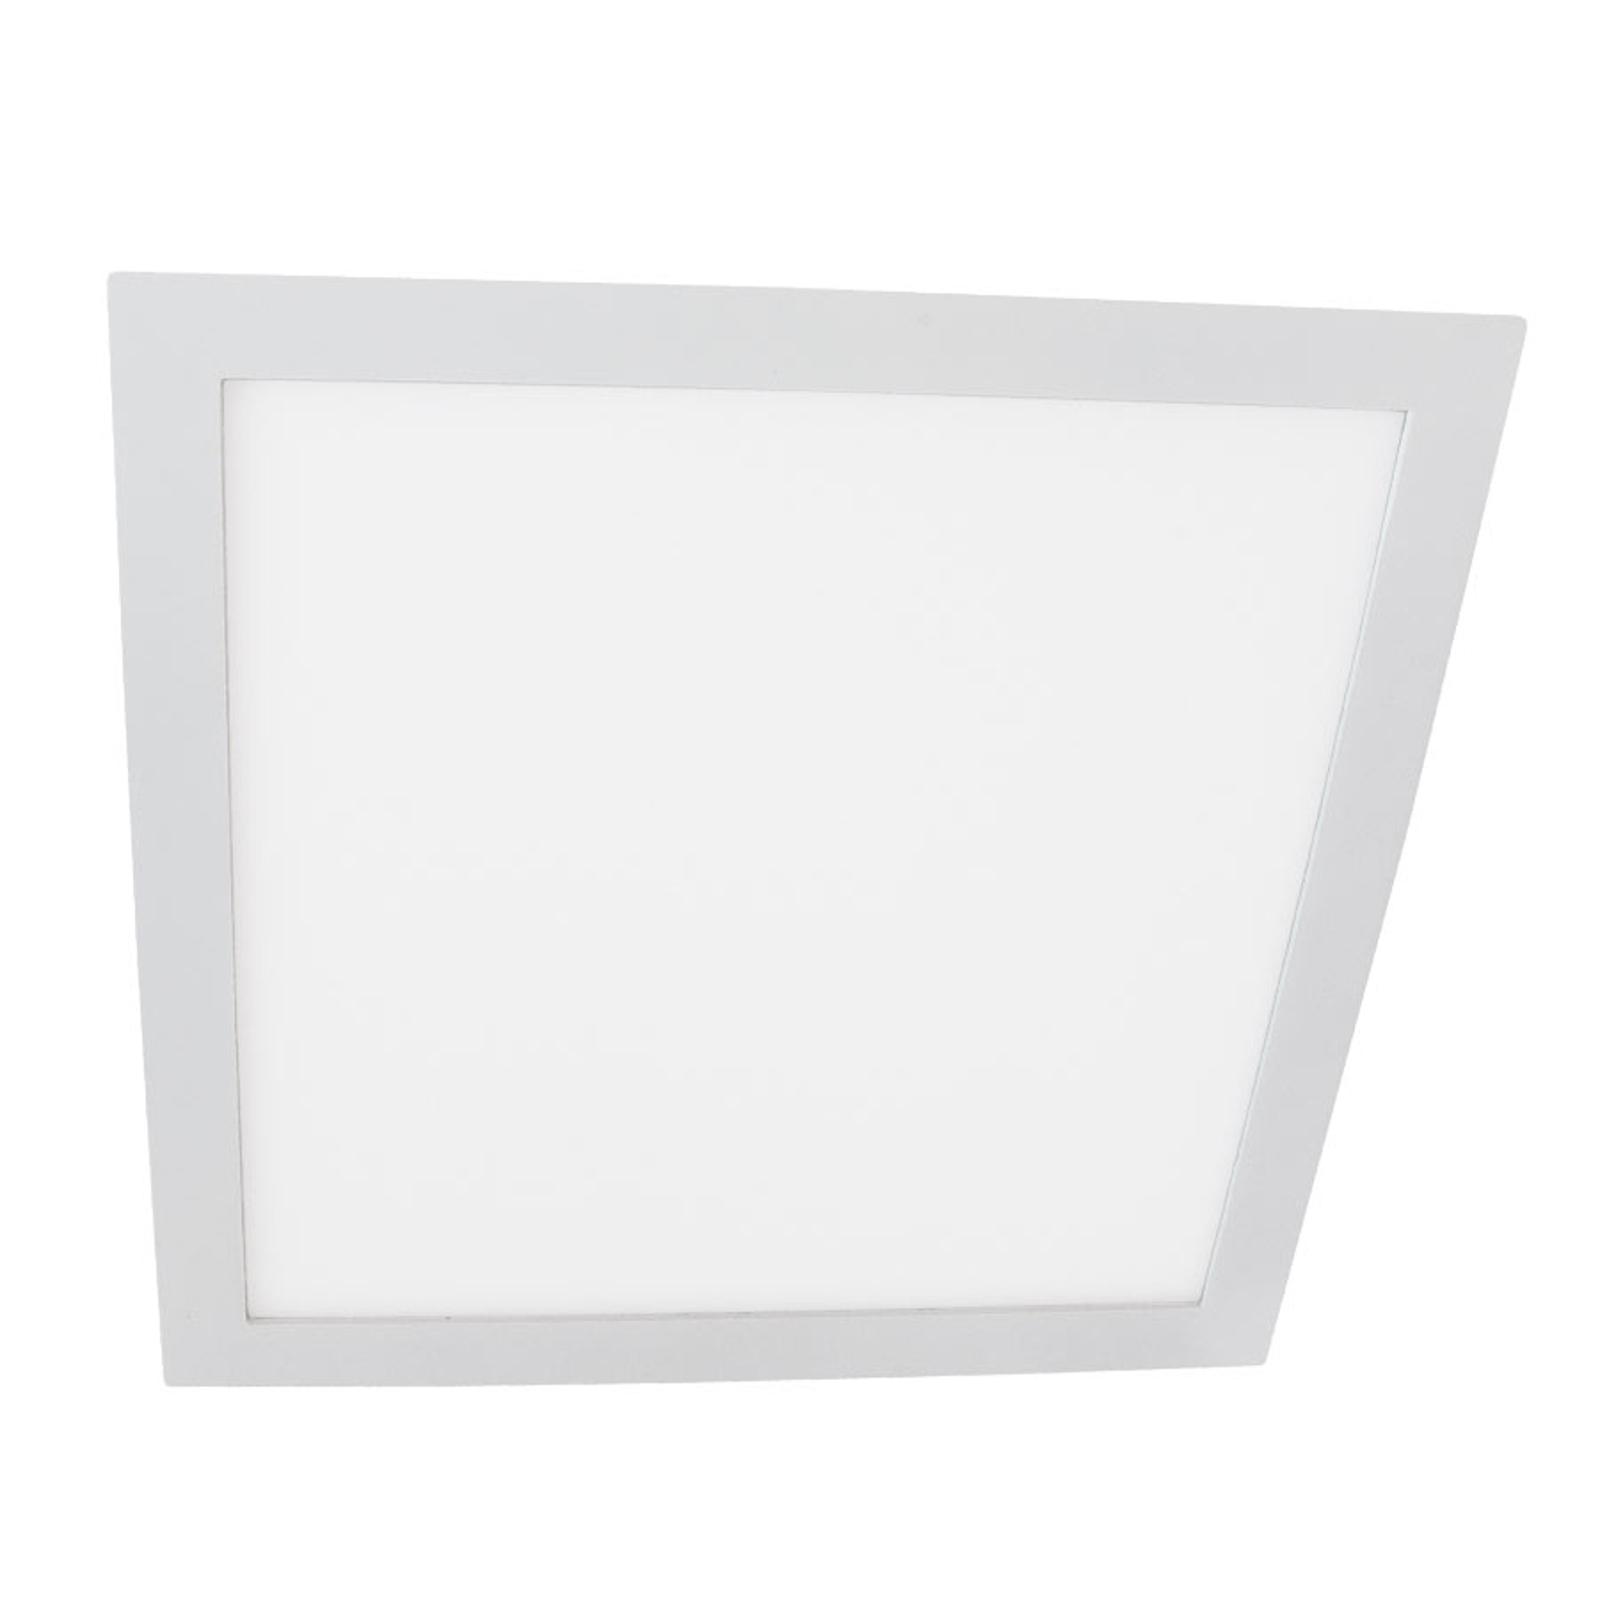 Moon Square LED-downligt, hvit, 18W, 4 000 K